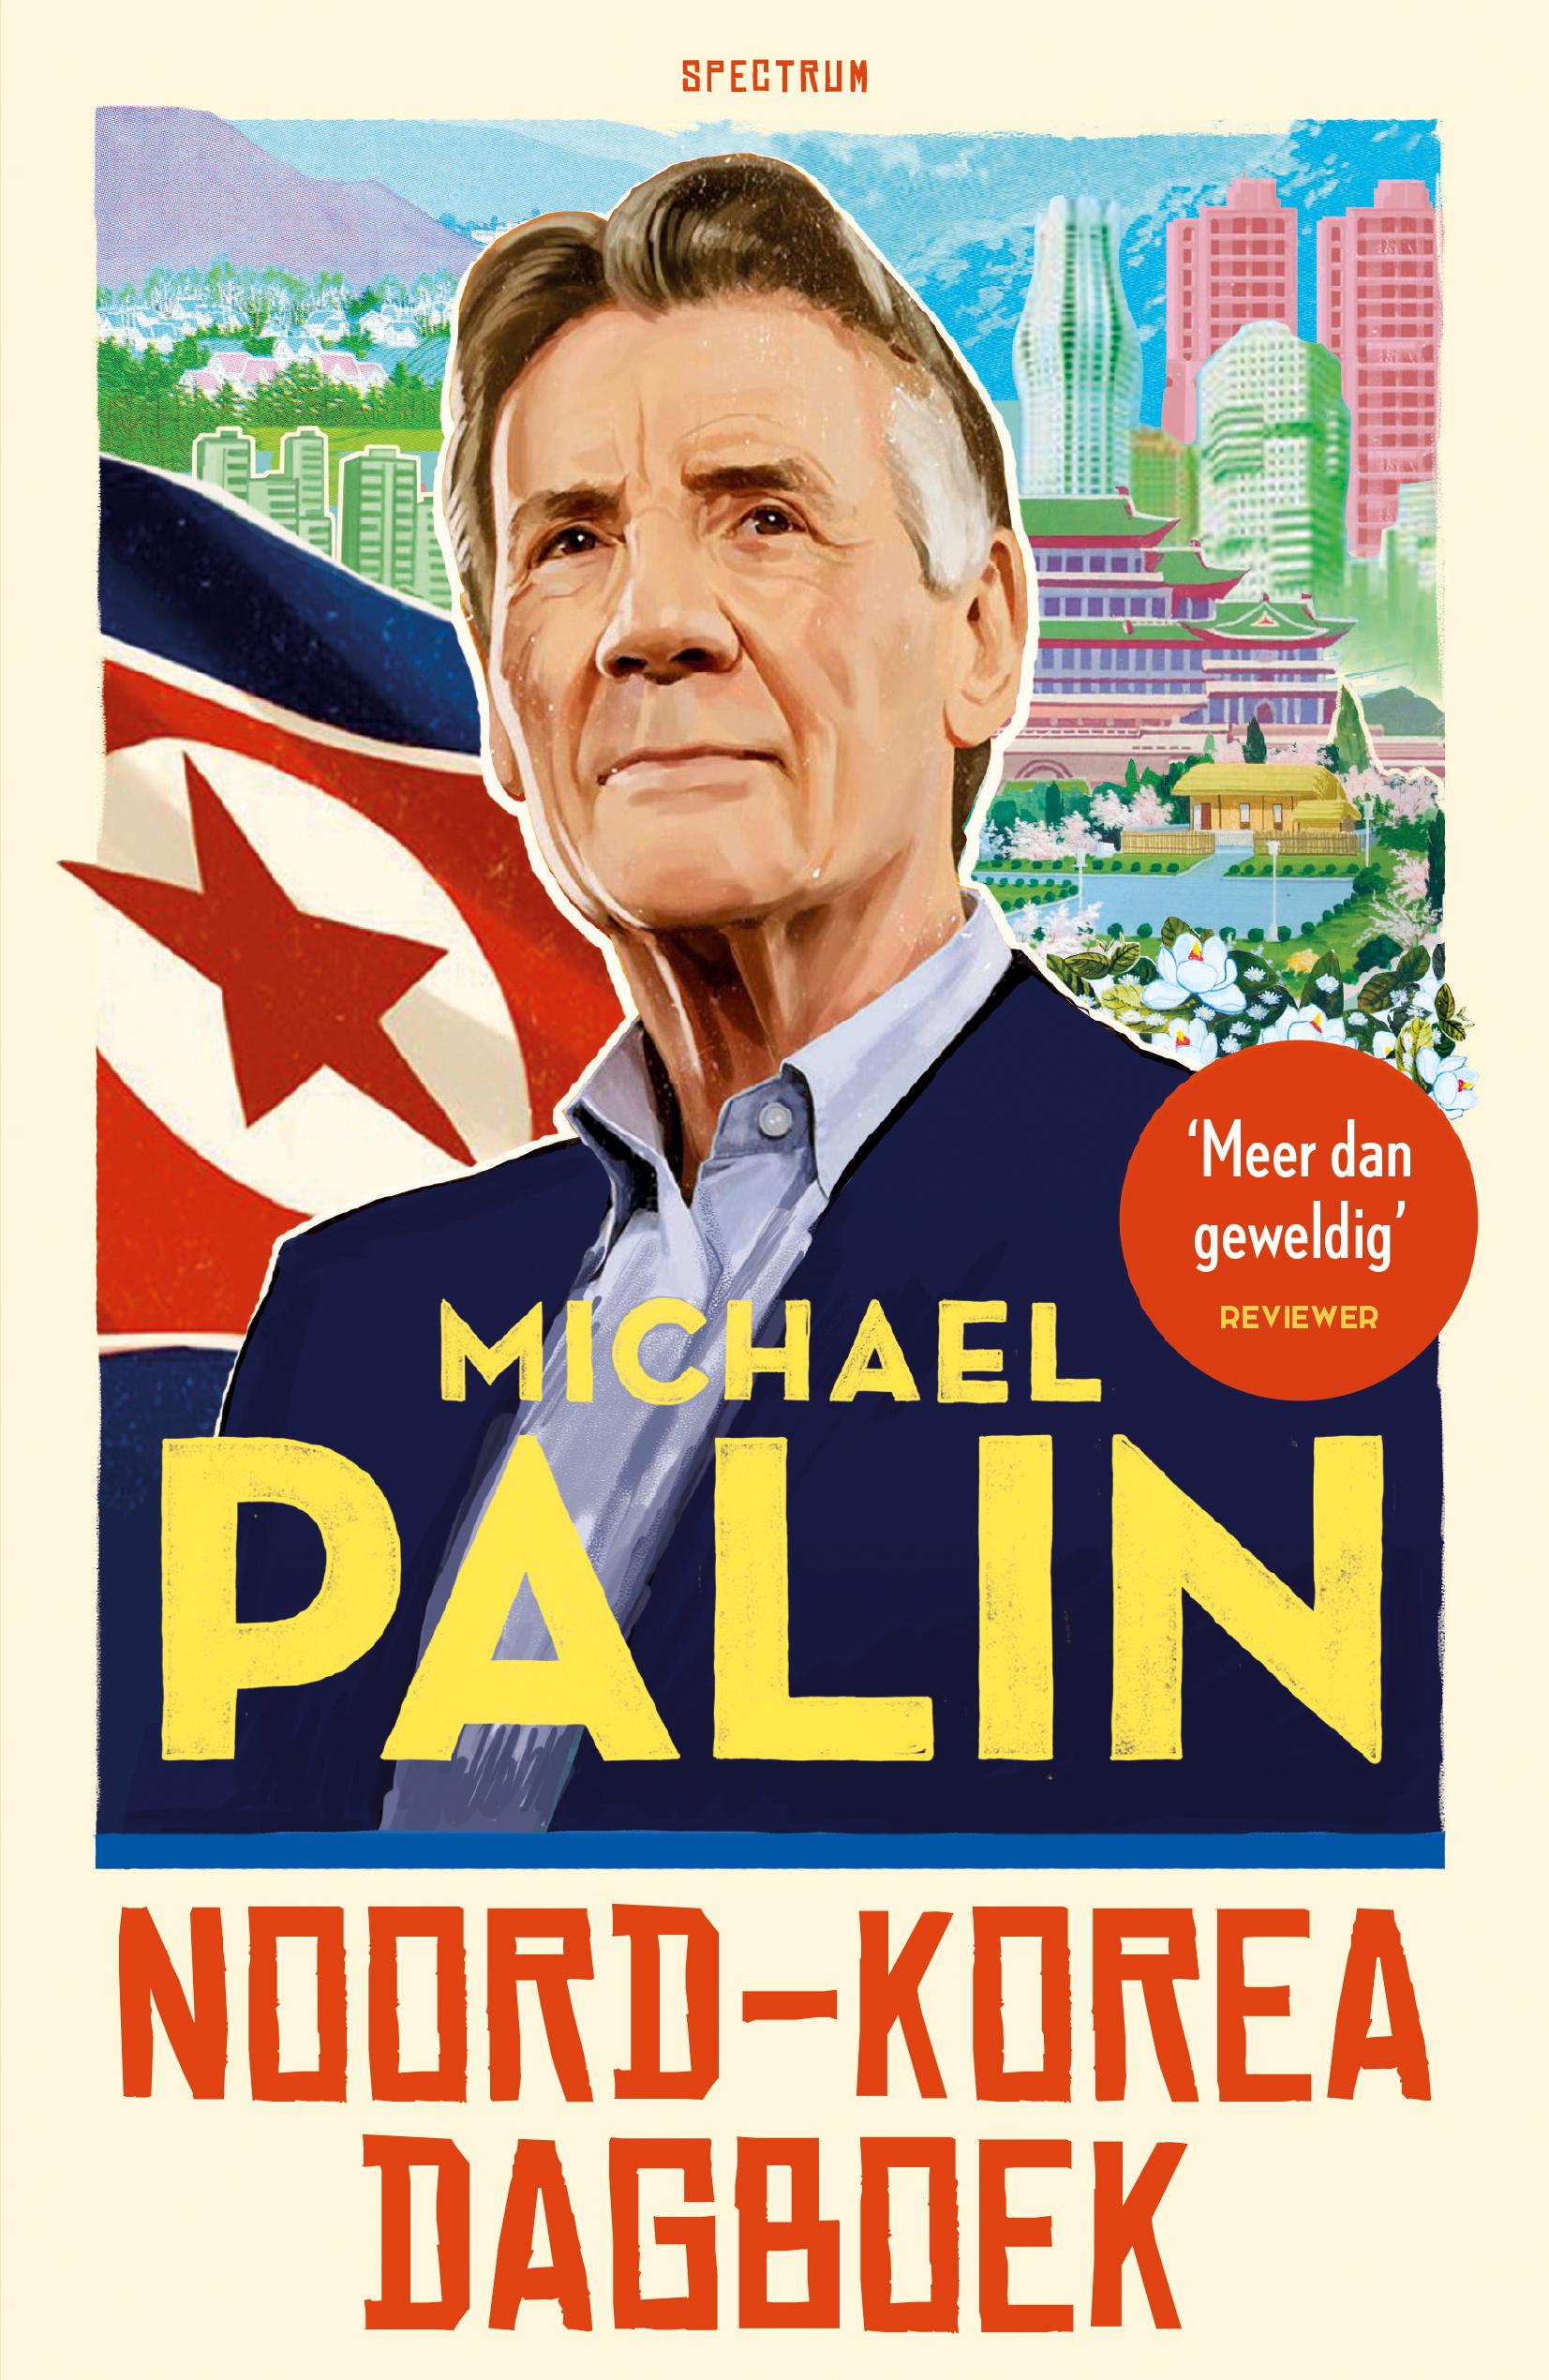 Noord-Korea Dagboek   Michael Palin 9789000370795 Michael Palin Unieboek   Reisverhalen Noord-Korea, Zuid-Korea